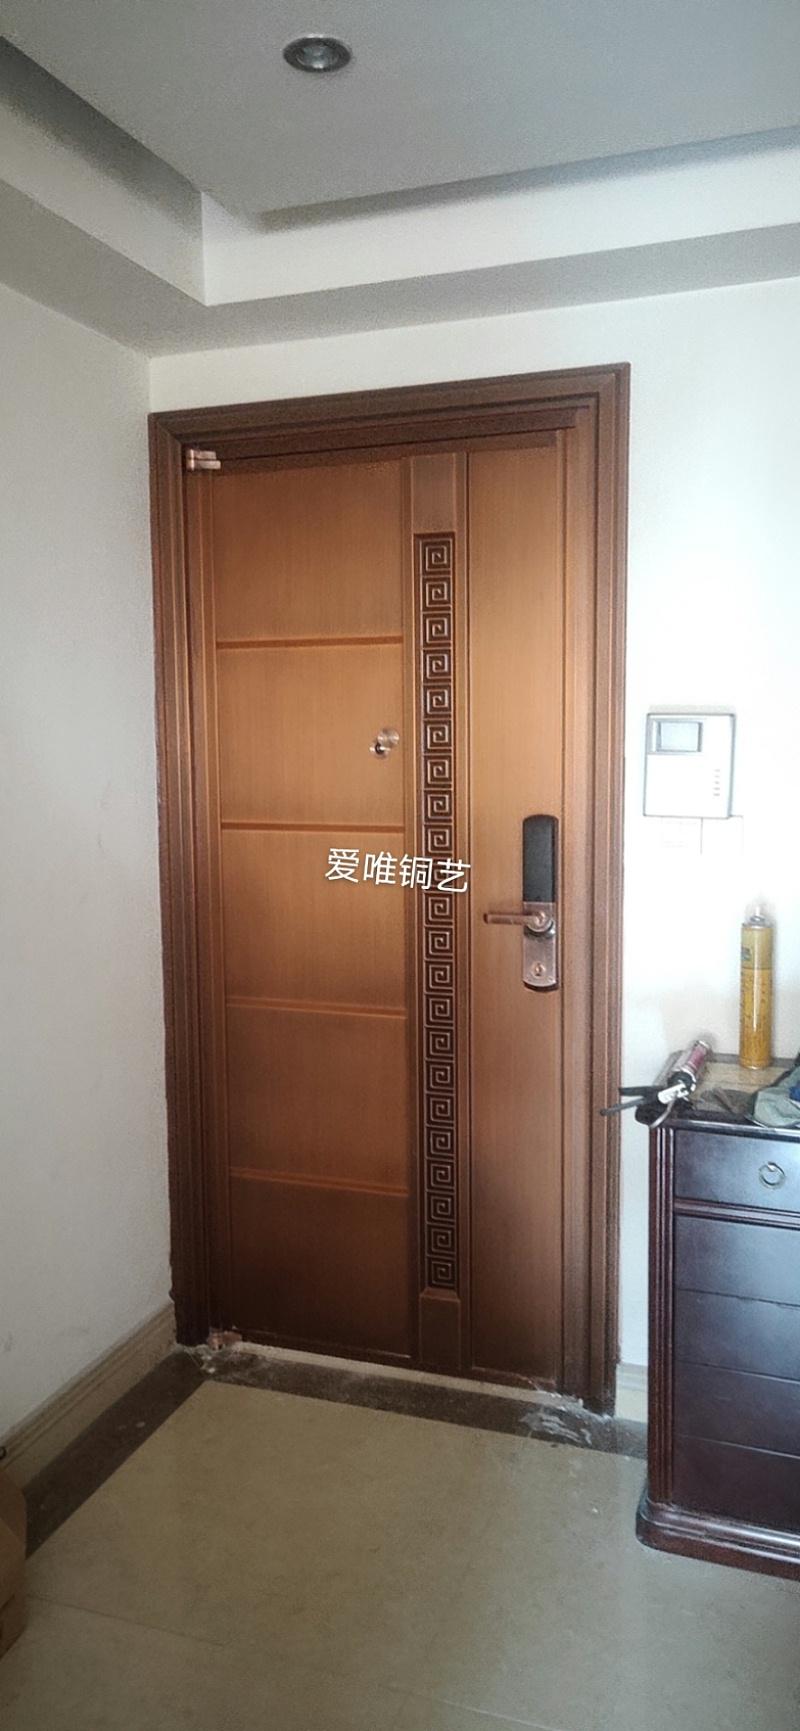 韩式风格铜门 (2)